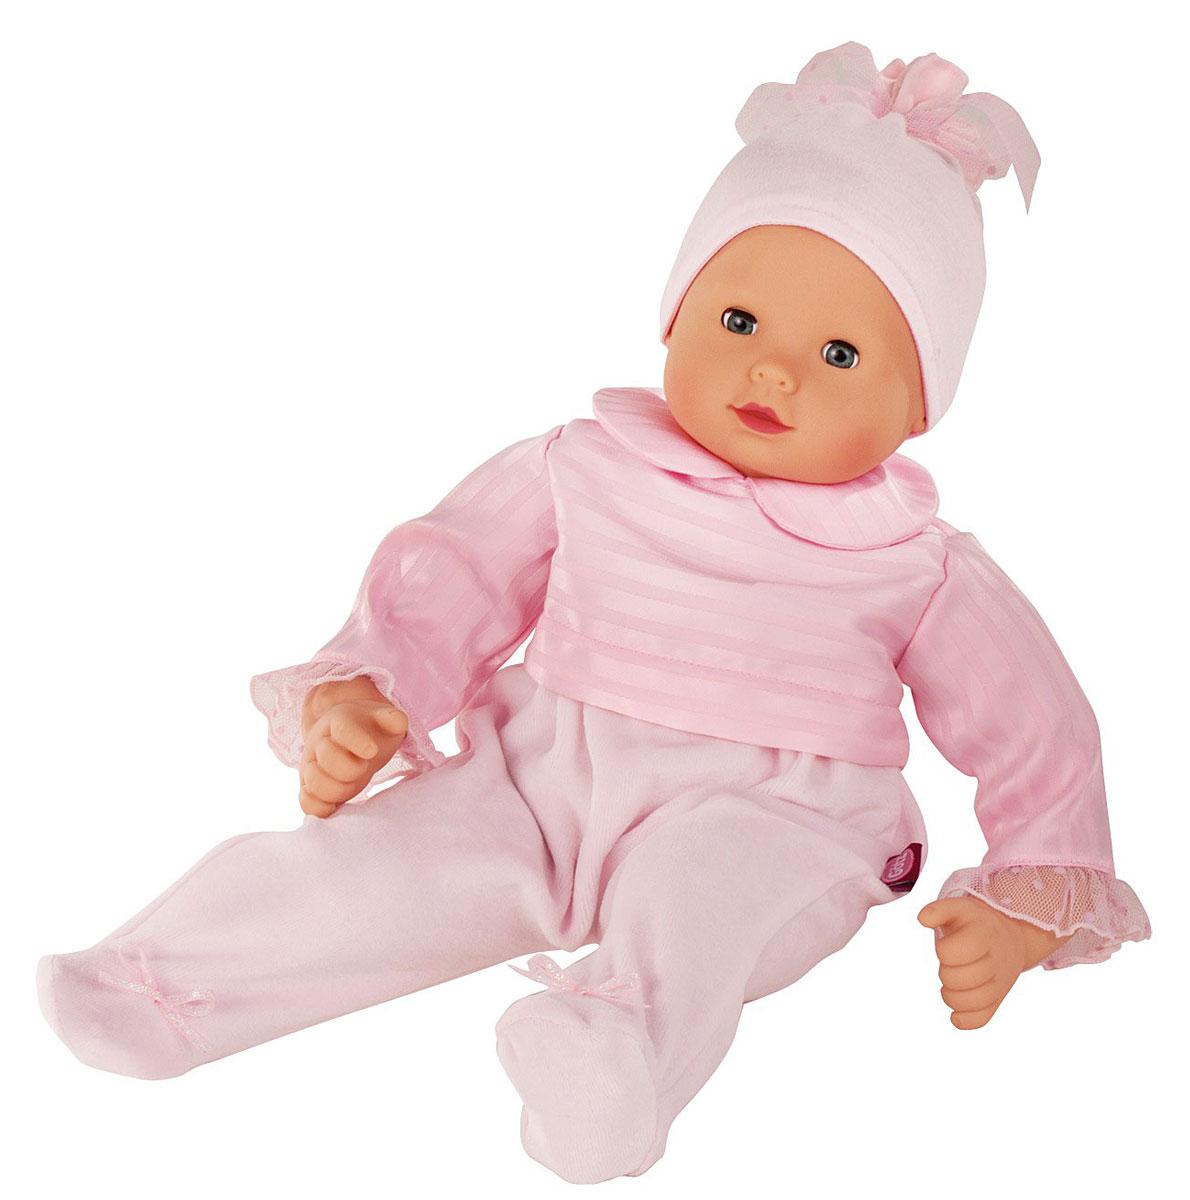 Gotz Пупс Макси-маффин цвет шапки розовый куклы и одежда для кукол gotz мини маффин 22 см